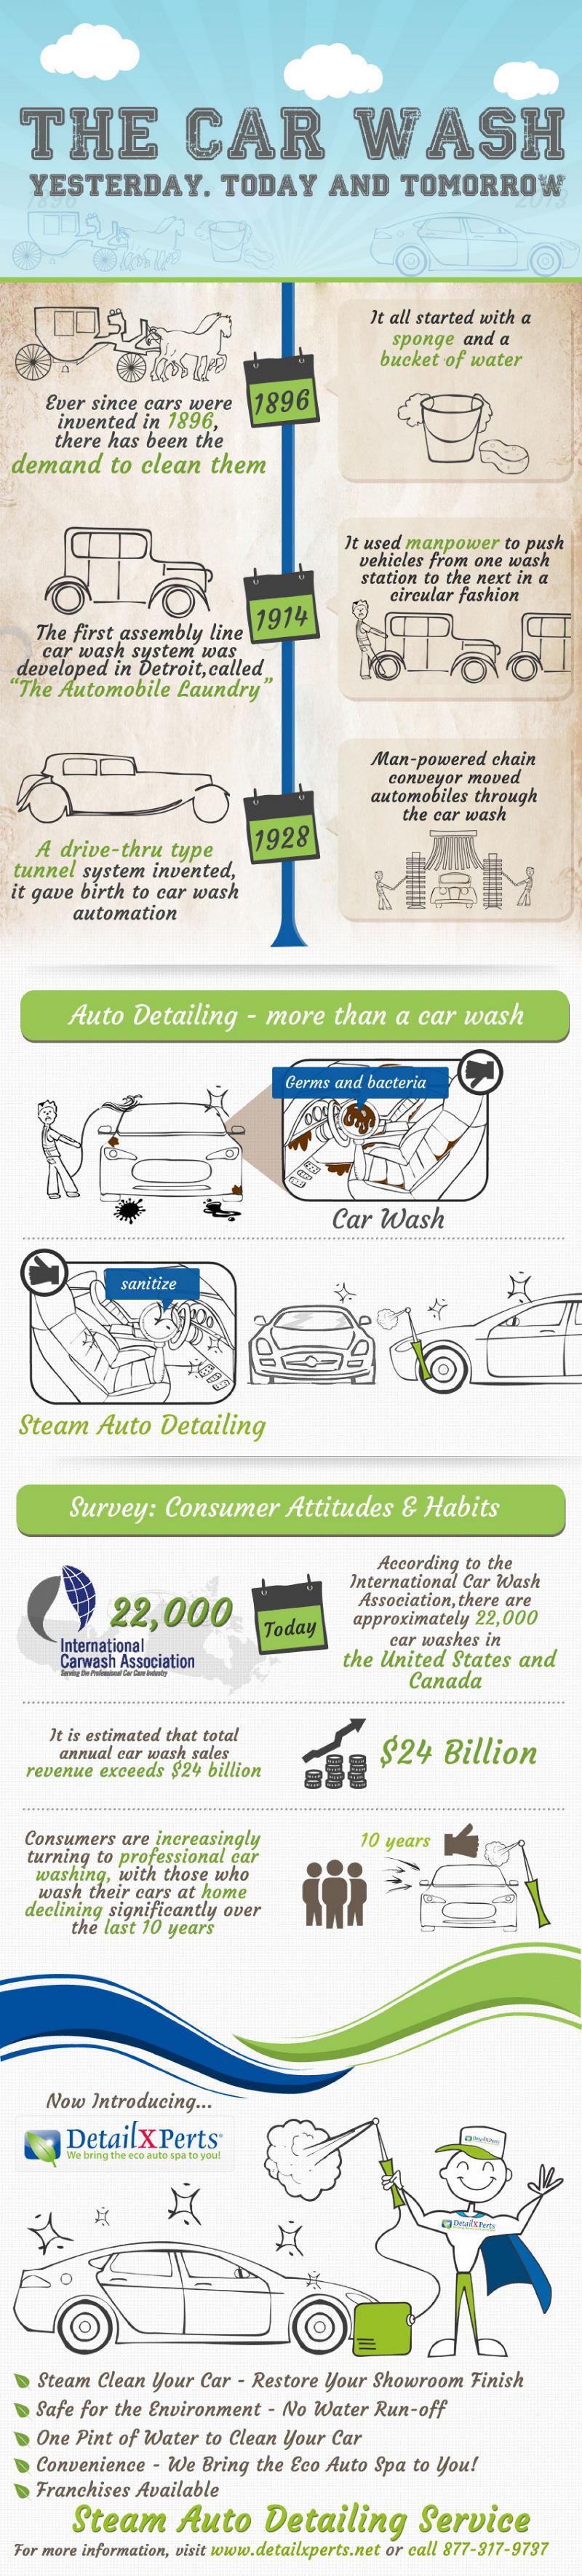 Car Wash Industry Growth